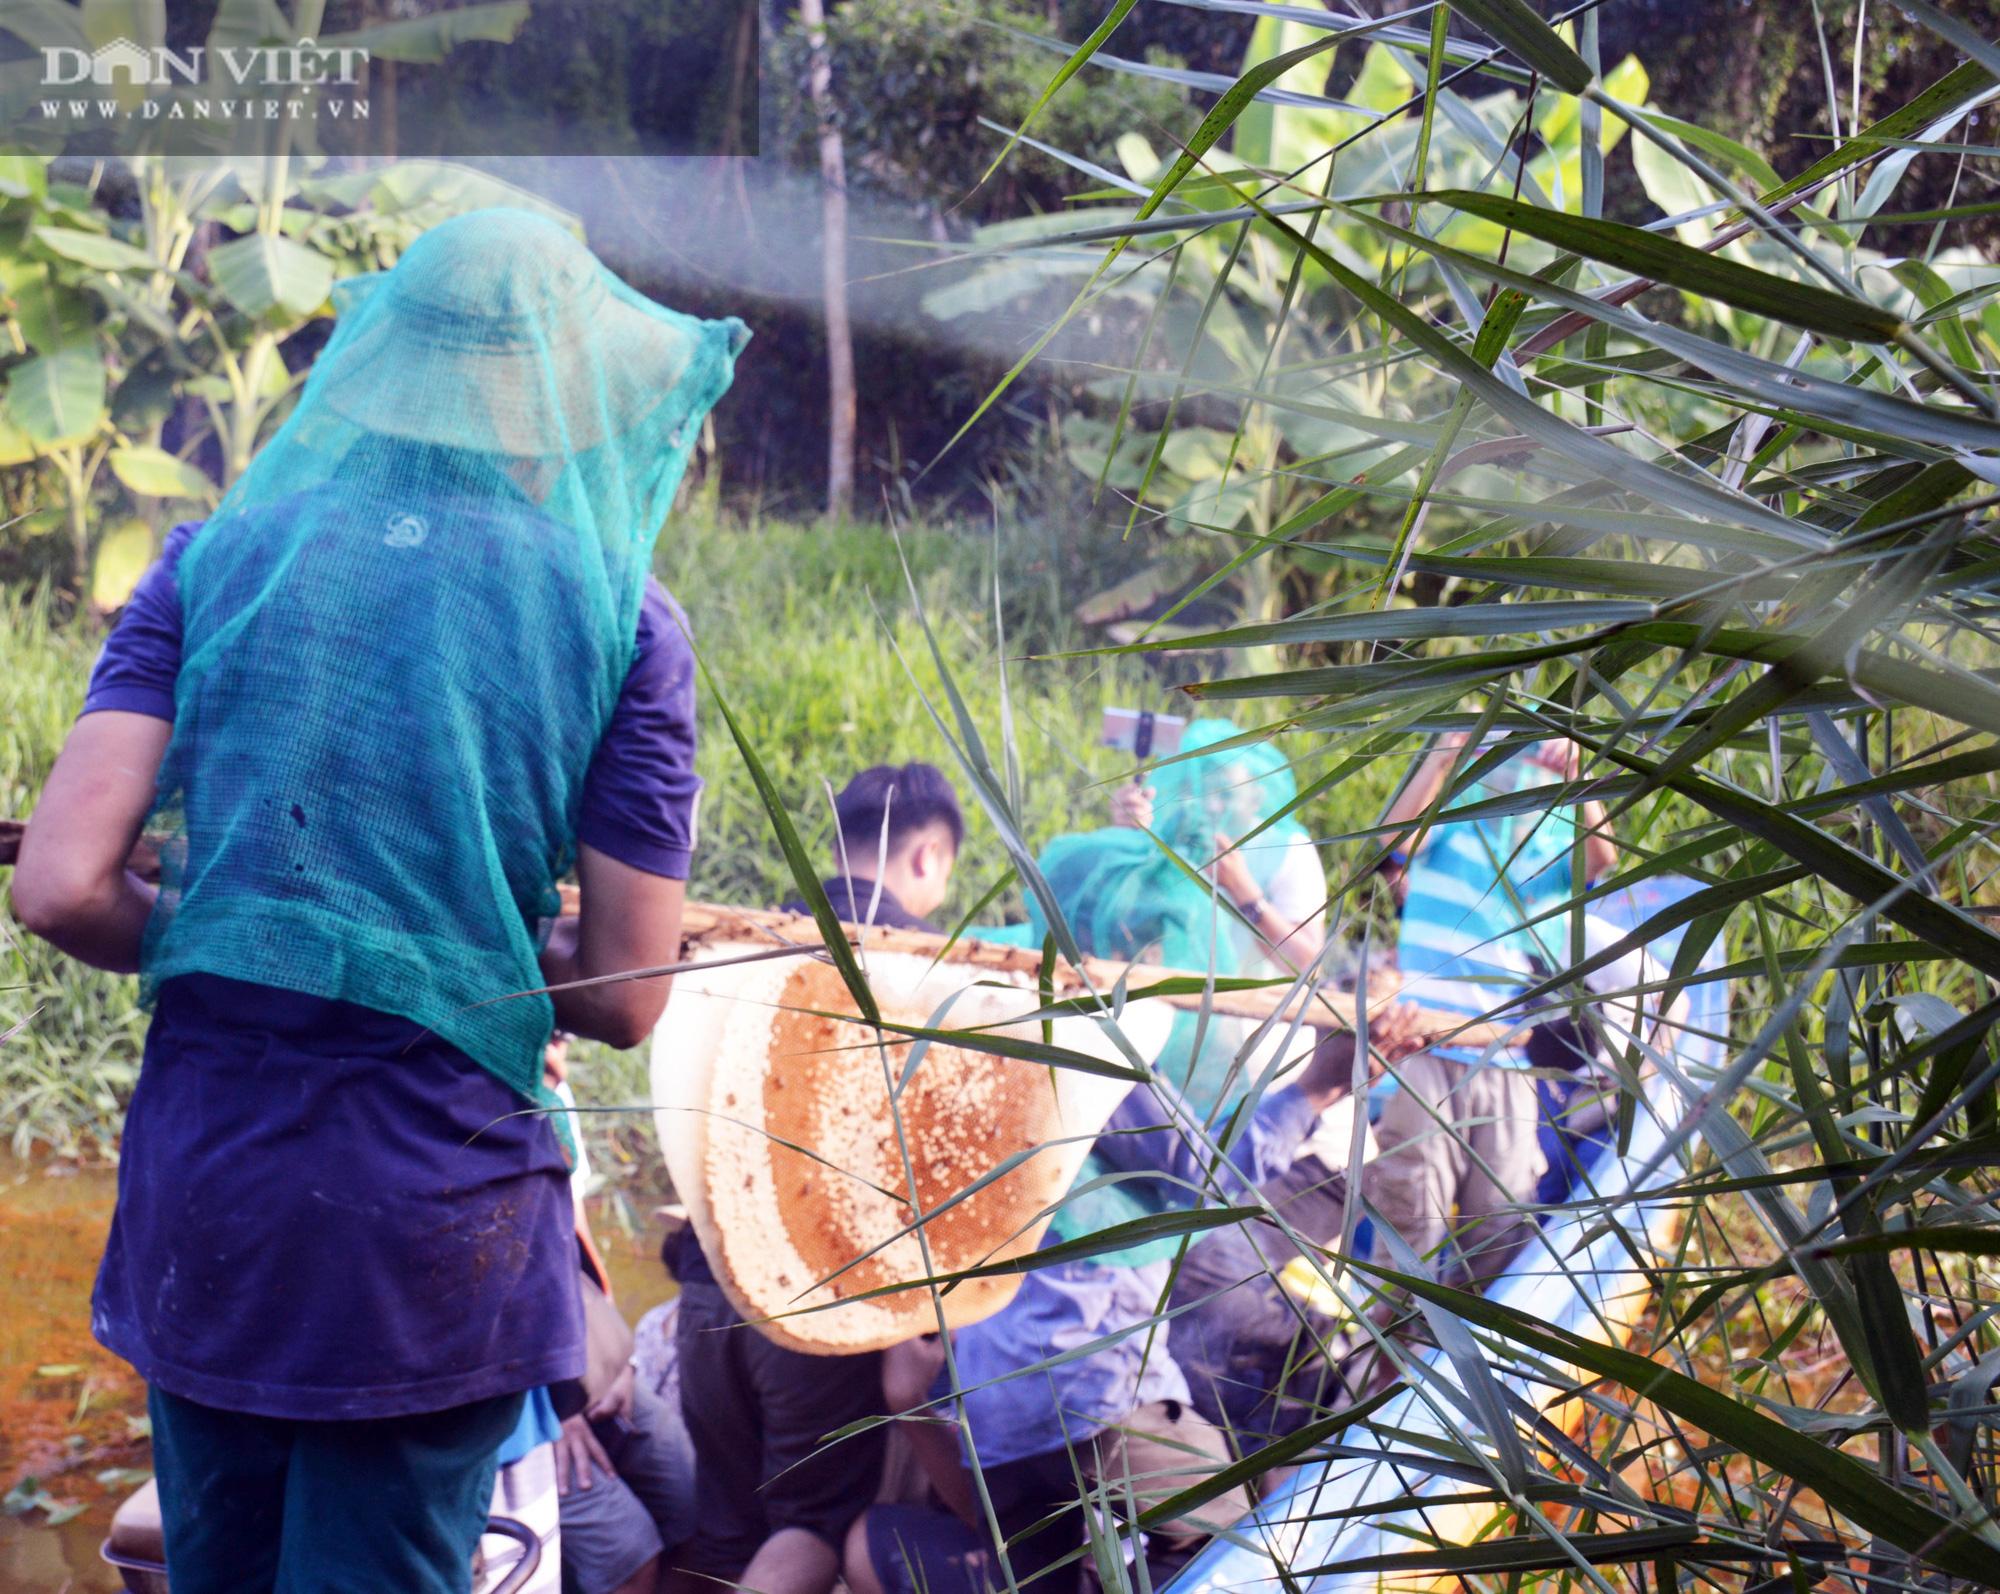 Về U Minh Hạ, lội rừng ăn ong lấy mật, thưởng thức vô số đặc sản trứ danh - Ảnh 9.